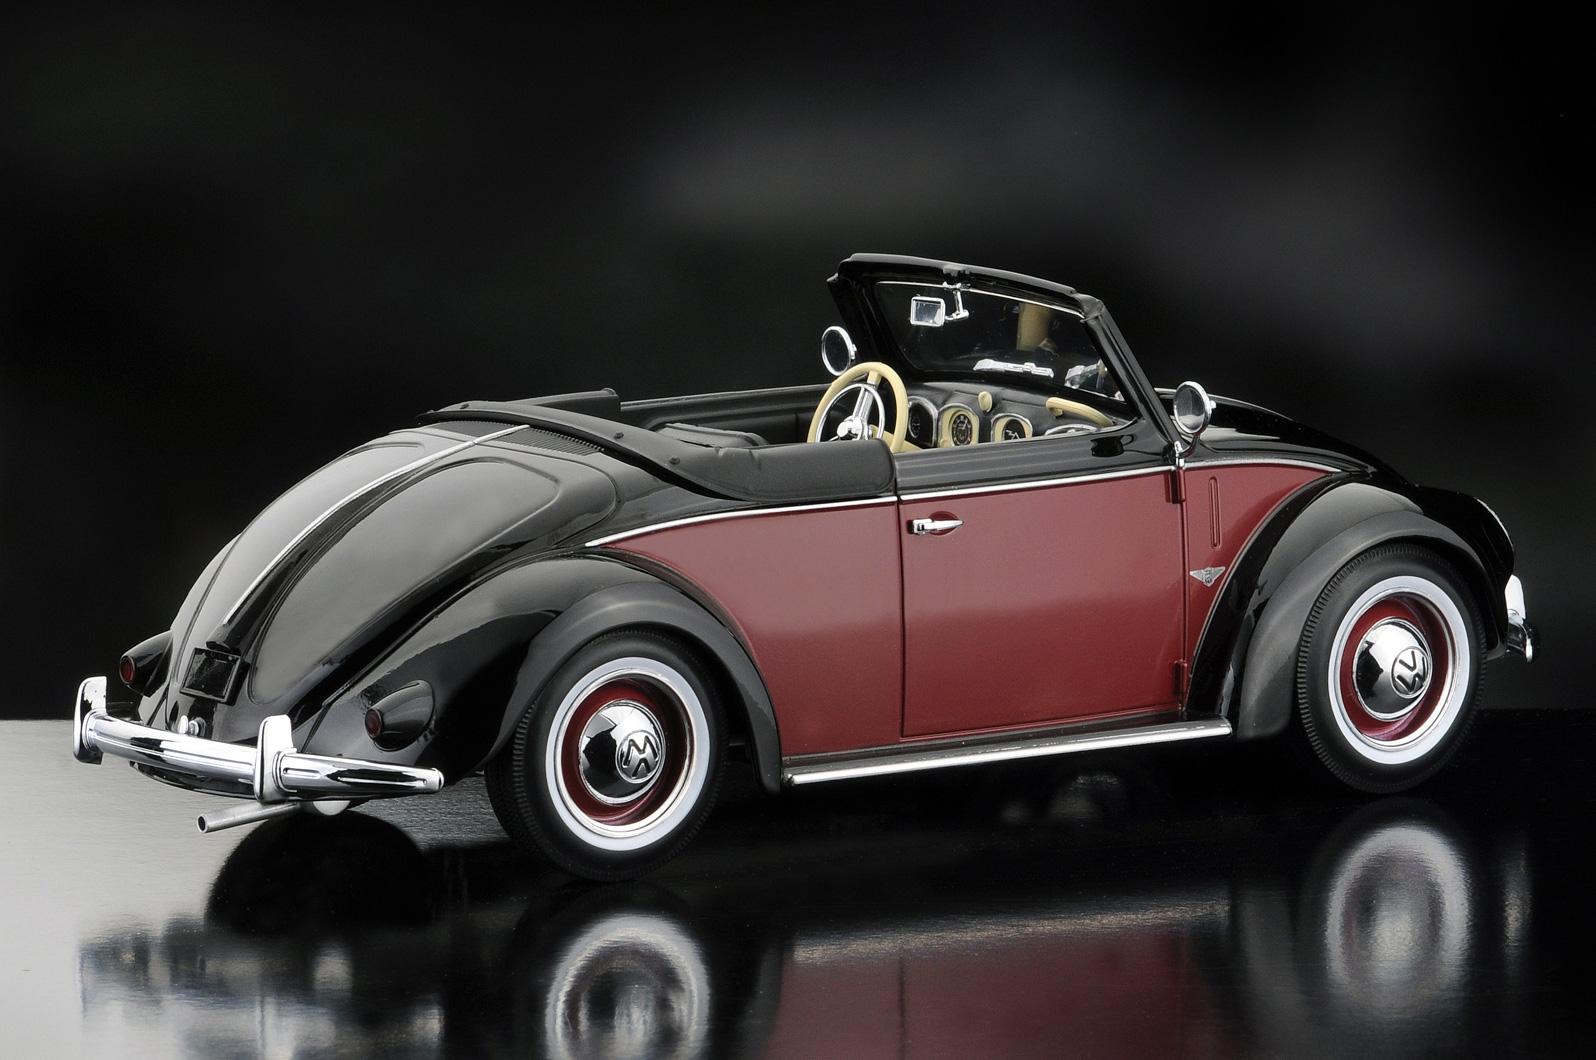 kkscale vw k fer 1200 hebm ller cabrio schwarz rot volkswagen. Black Bedroom Furniture Sets. Home Design Ideas